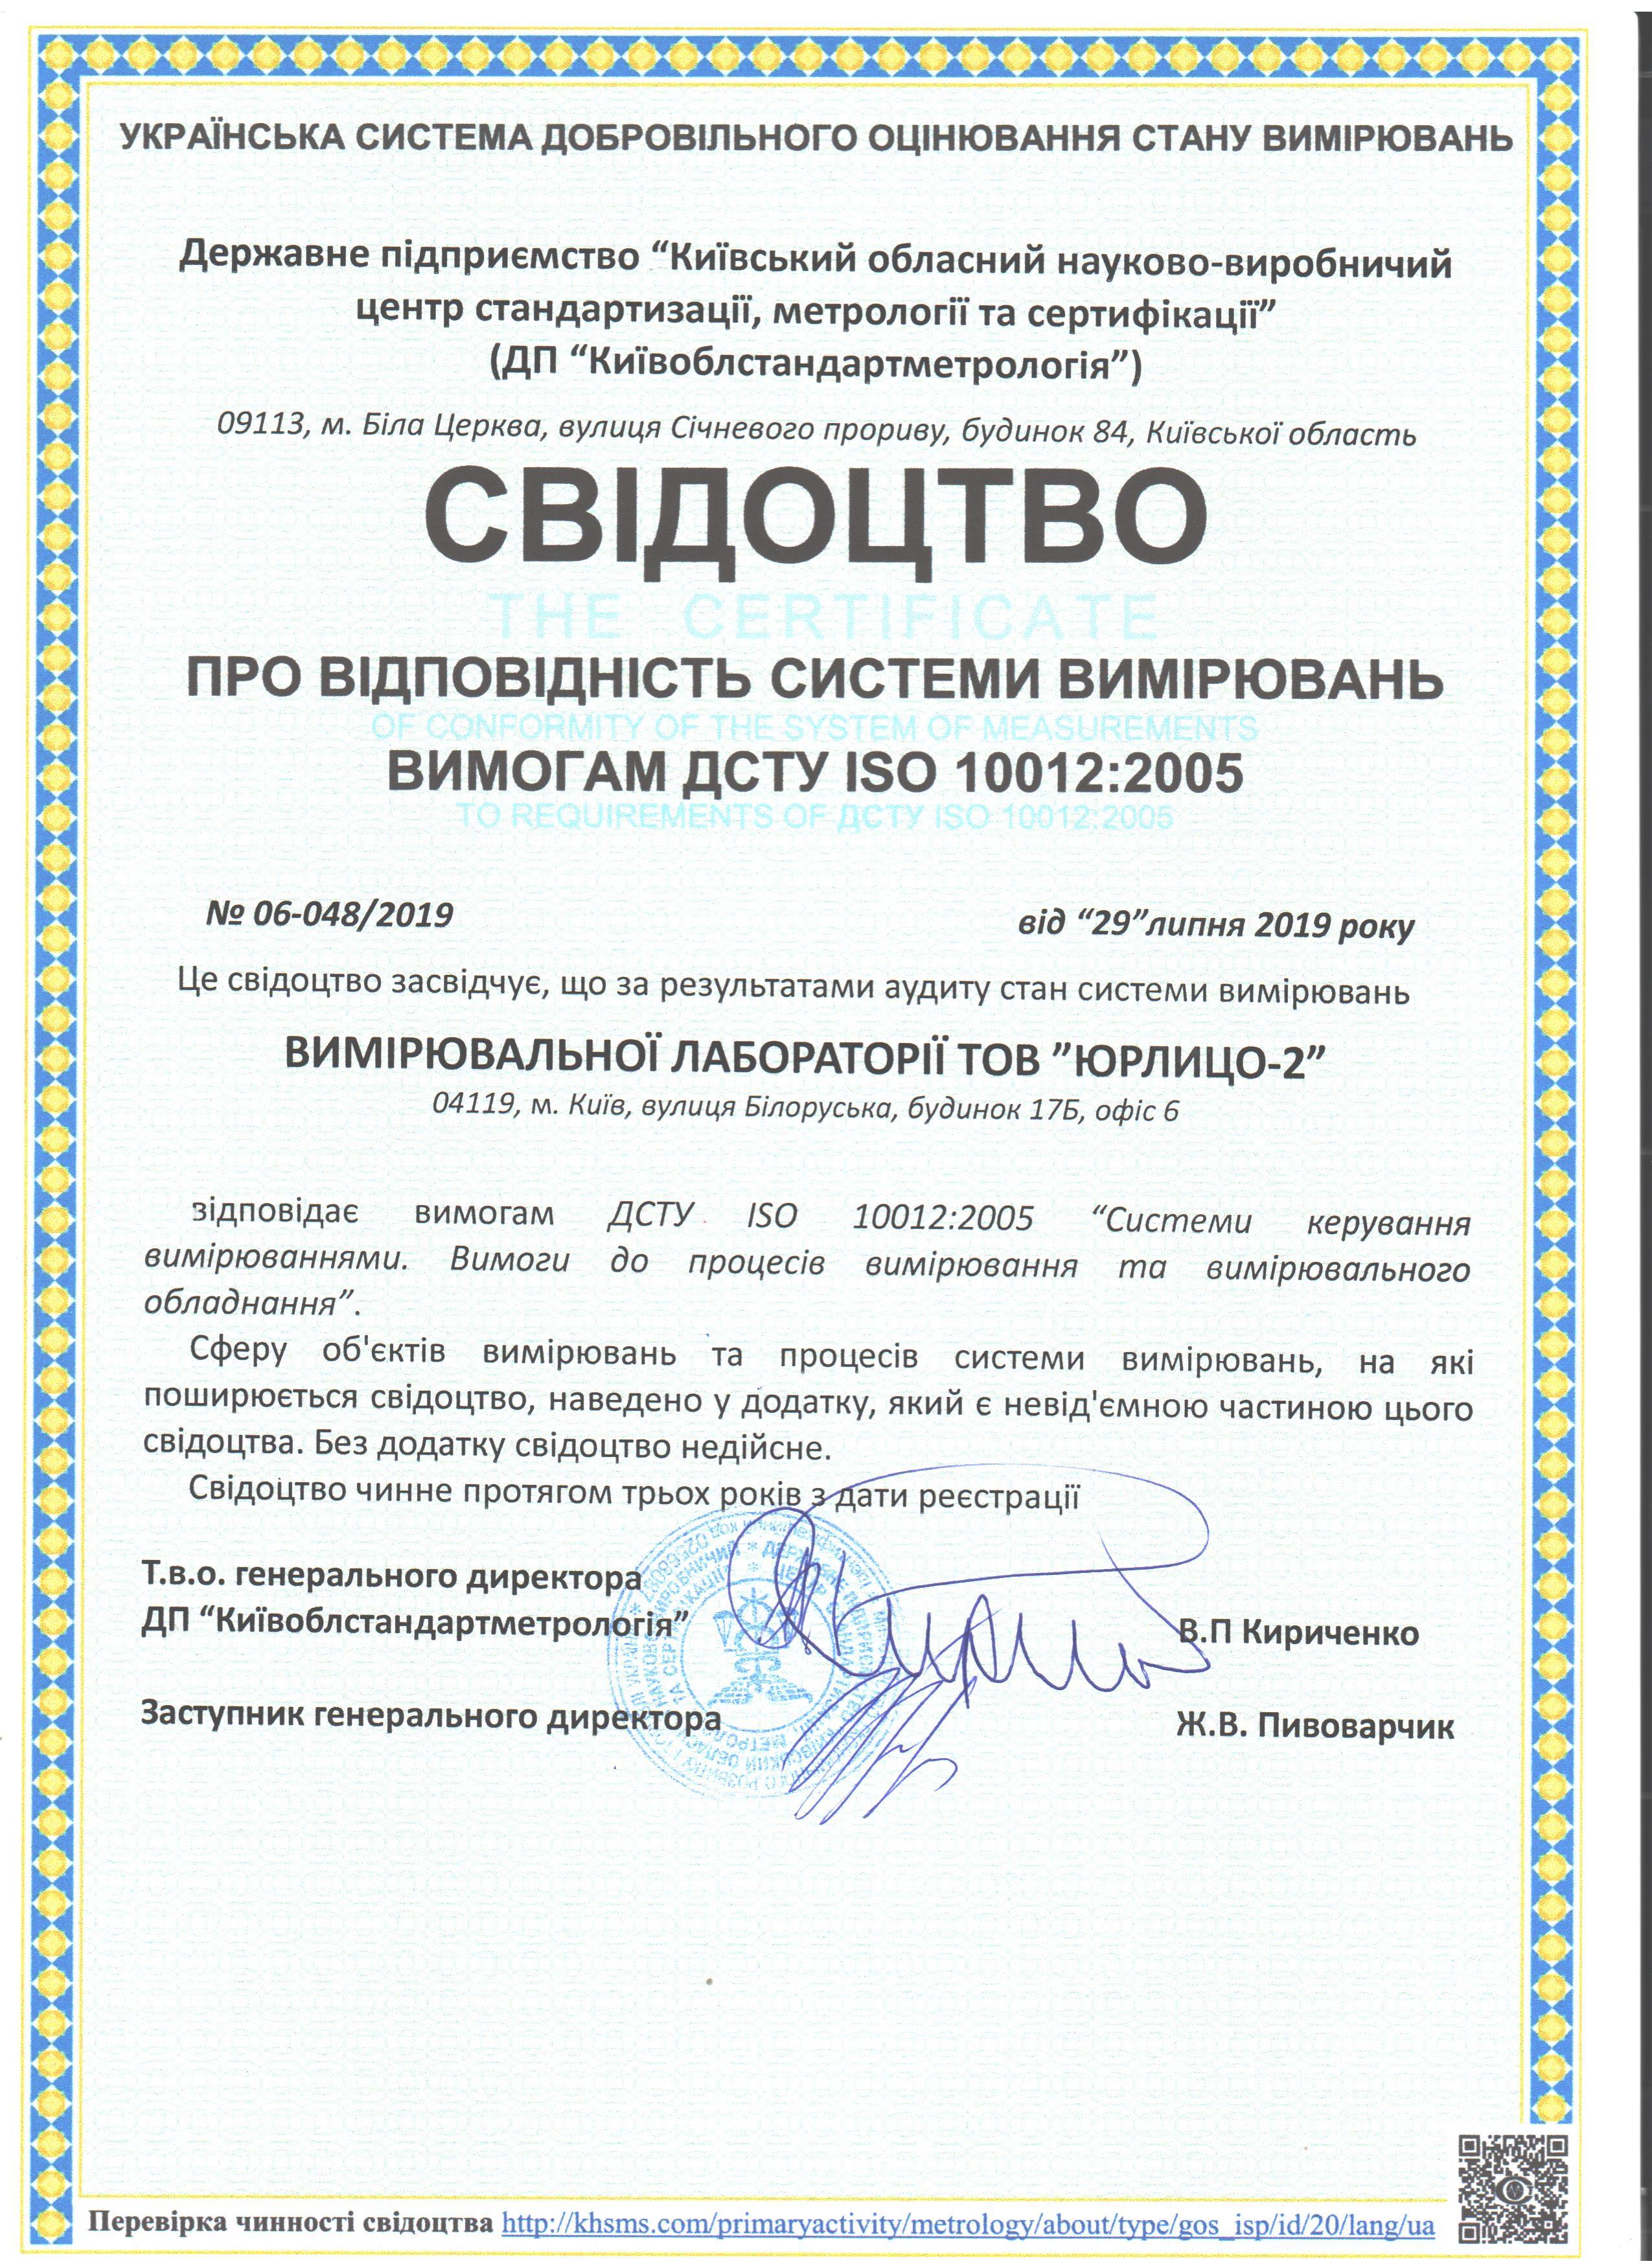 Свидетельство про аттестацию лаборатории ООО